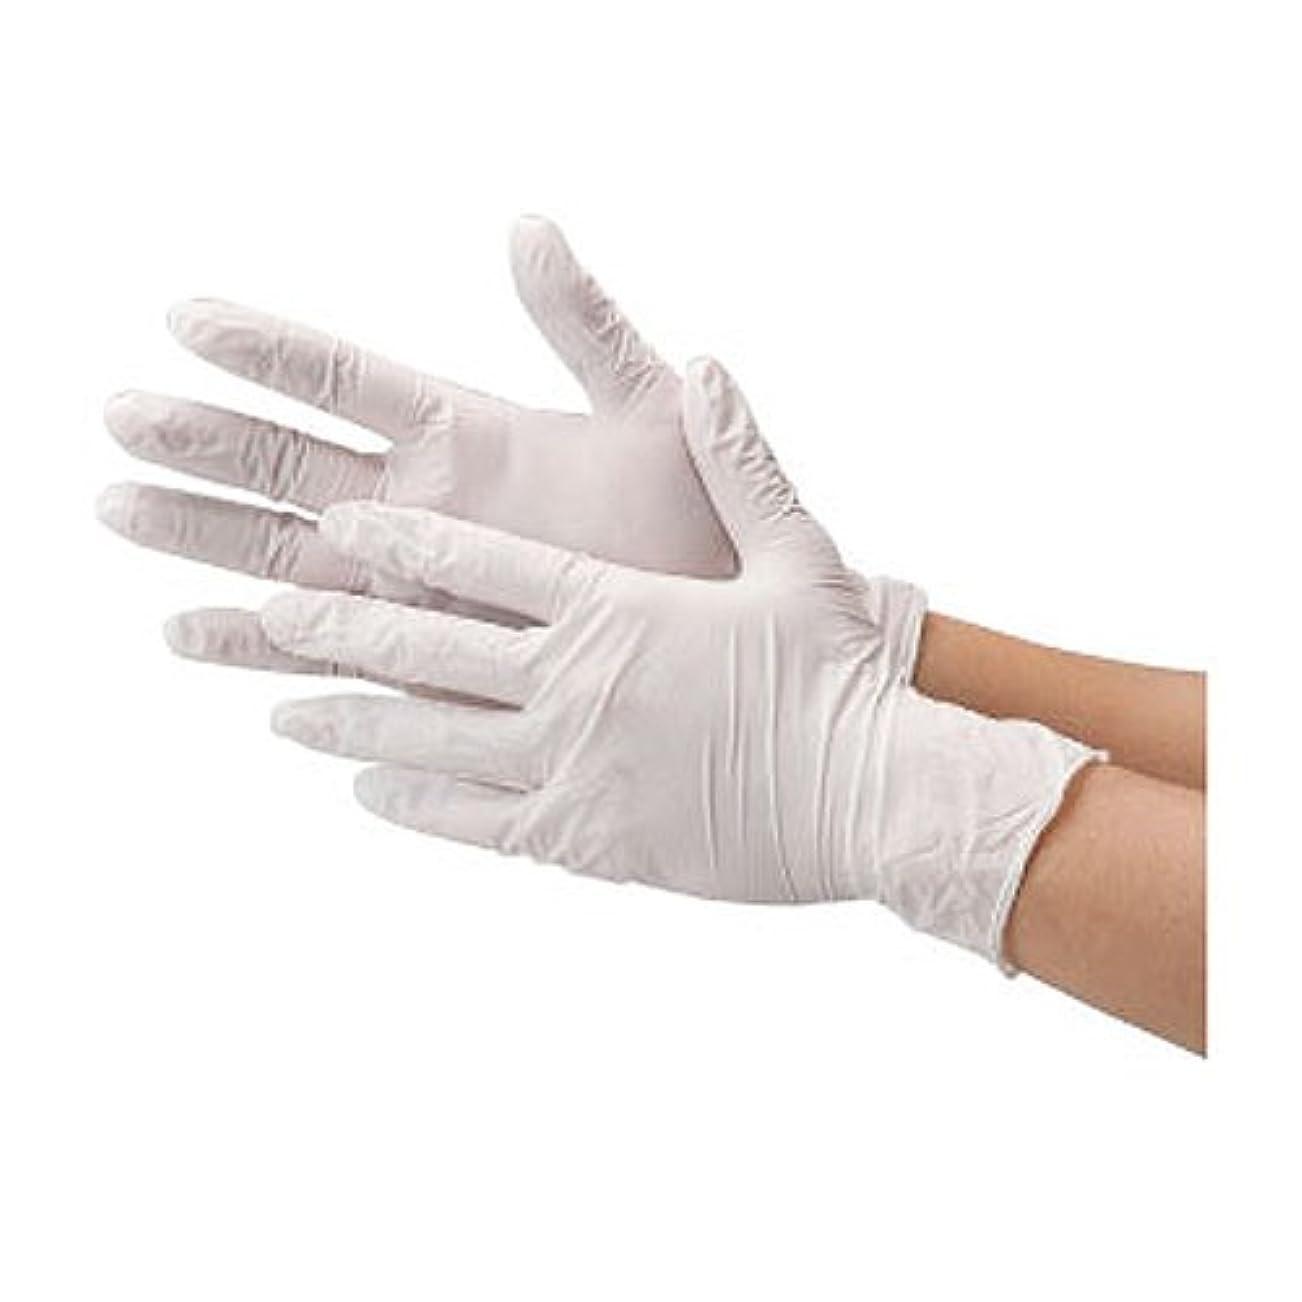 からかう不安定な故障中川西工業 ニトリル 使いきり手袋 ストロング 粉無 100枚入り 2037 ホワイトM